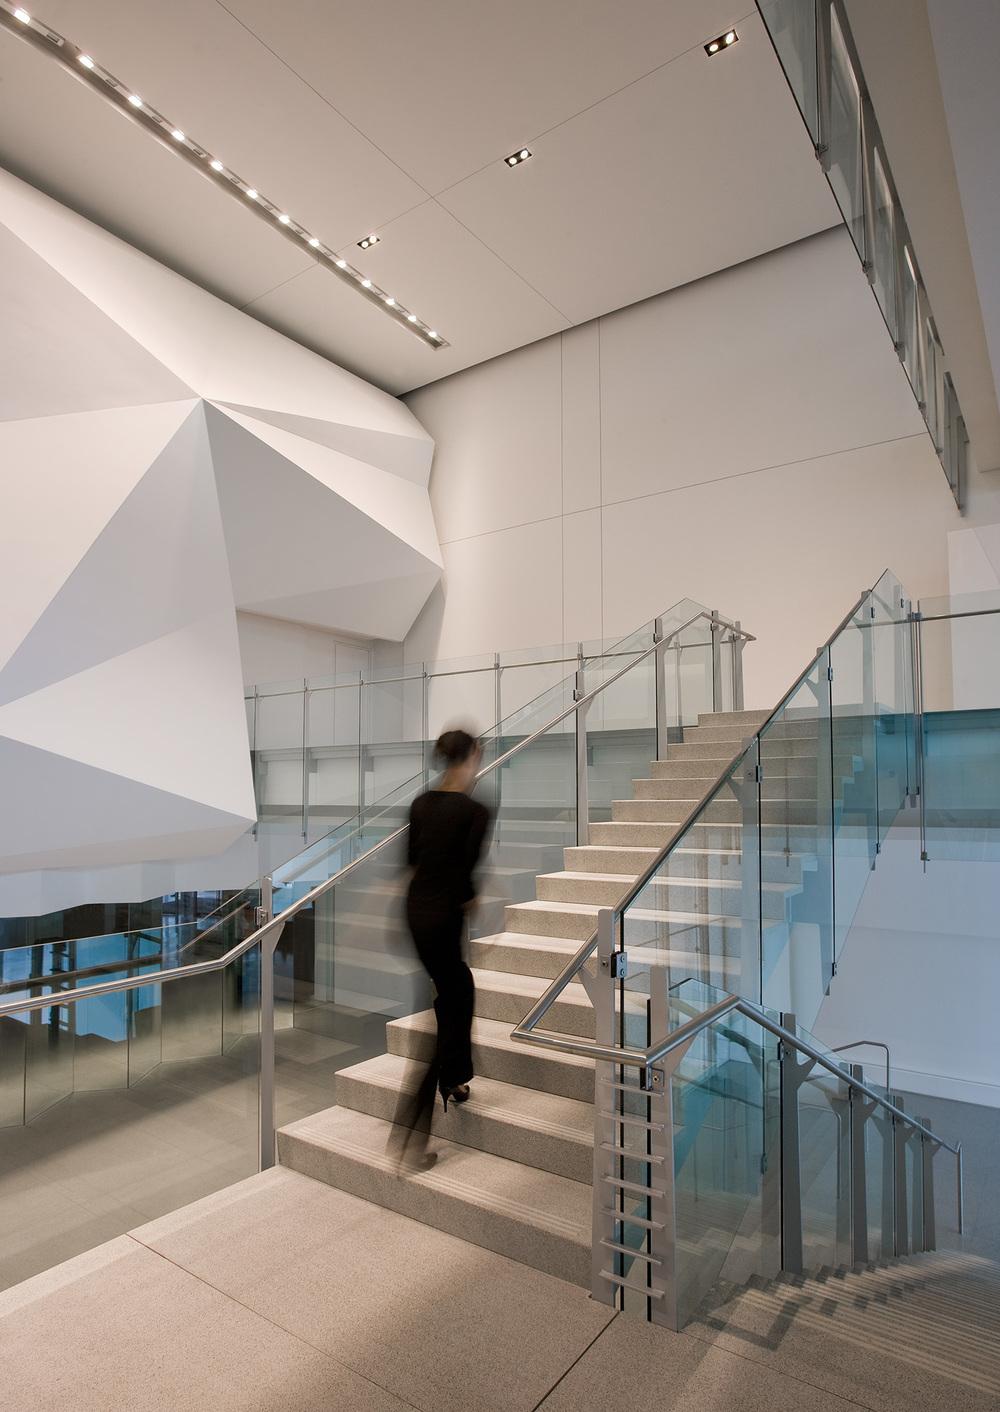 Spertus Institute / Chicago IL